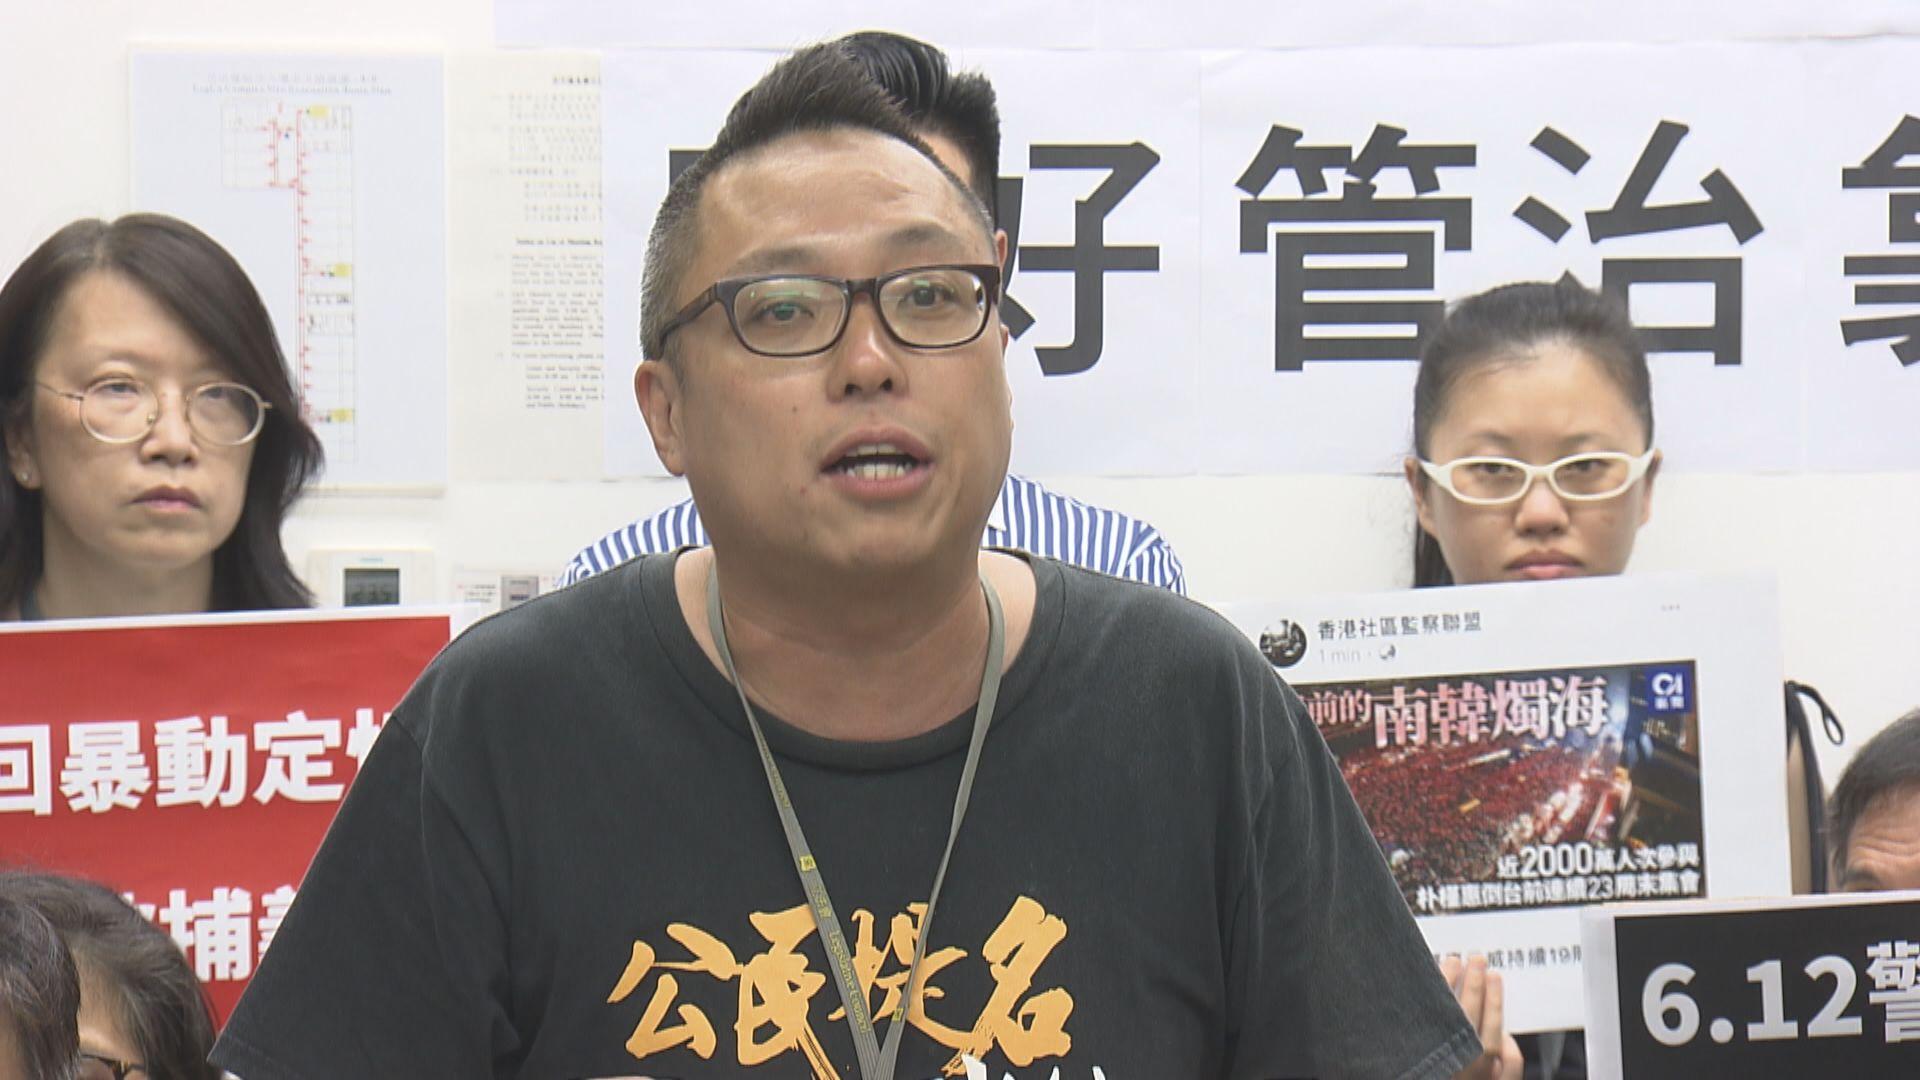 人民力量譚得志被控煽動意圖等三項罪名